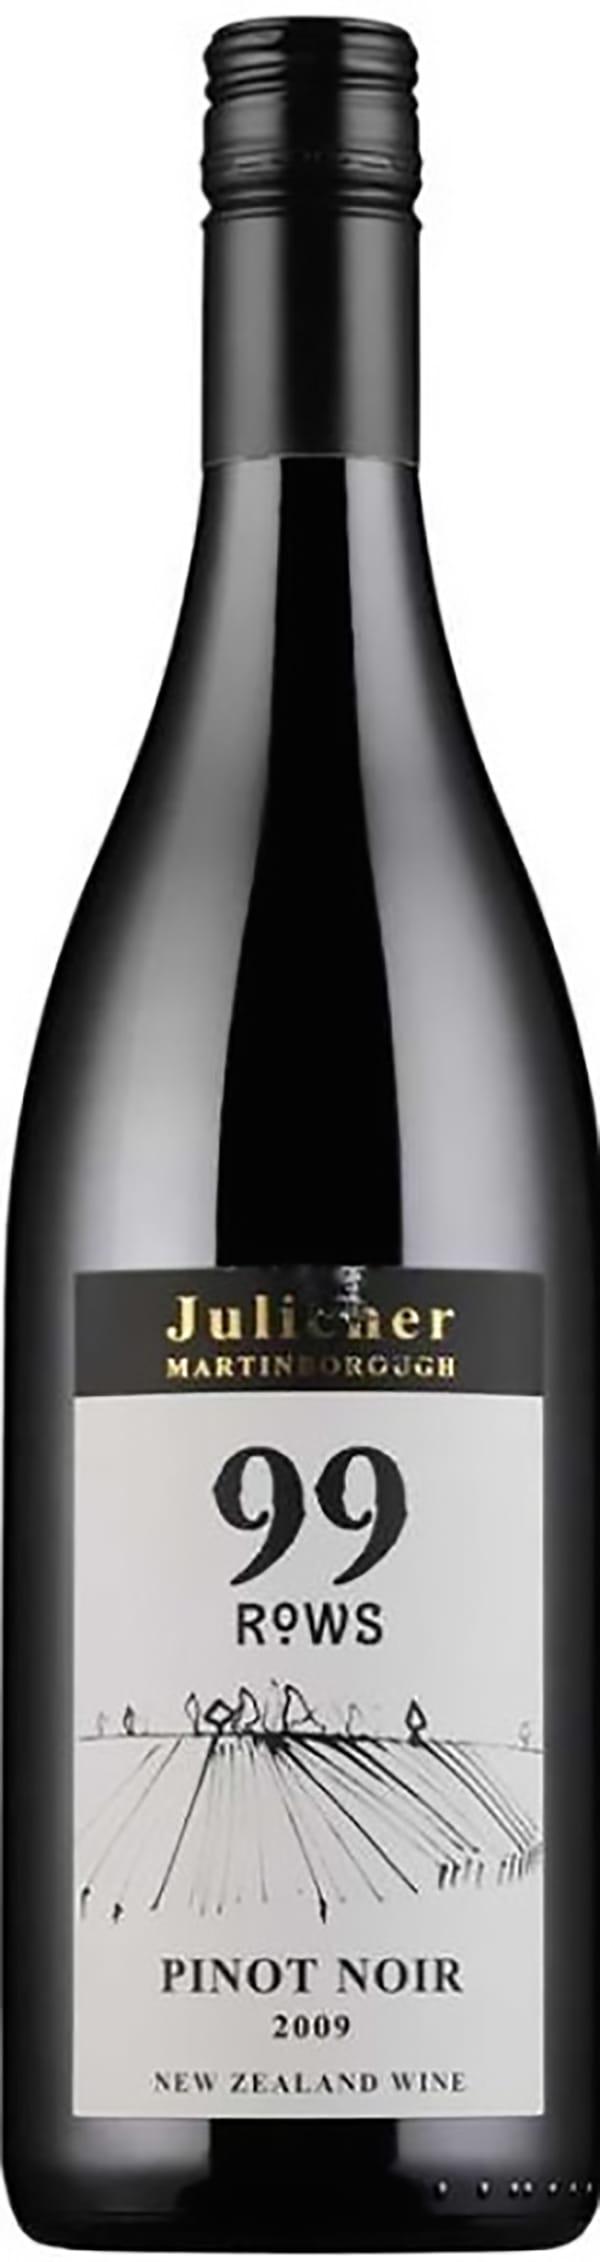 Julicher 99 Rows Pinot Noir 2014